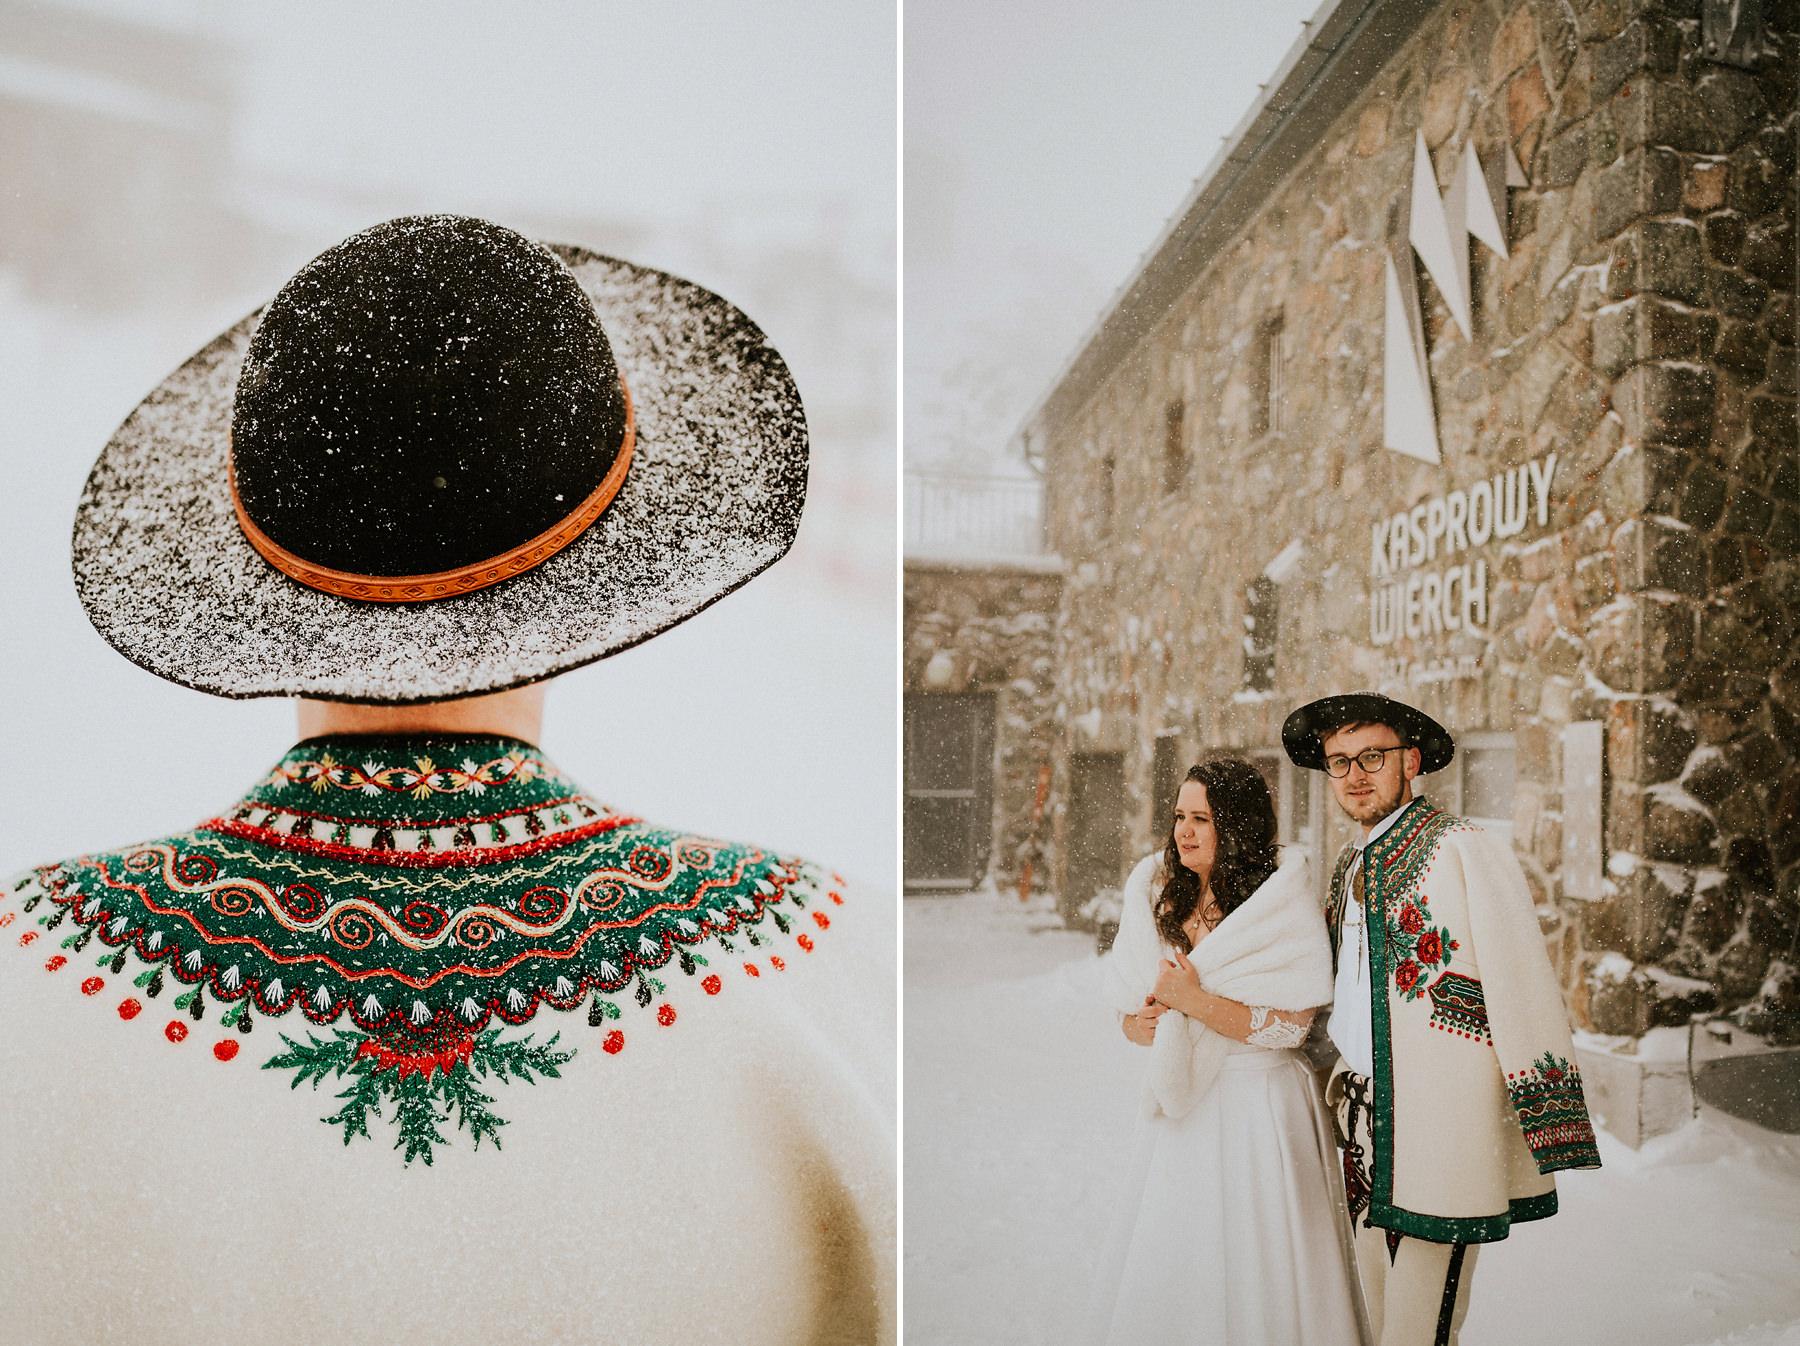 kasprowy wierch sesja poślubna